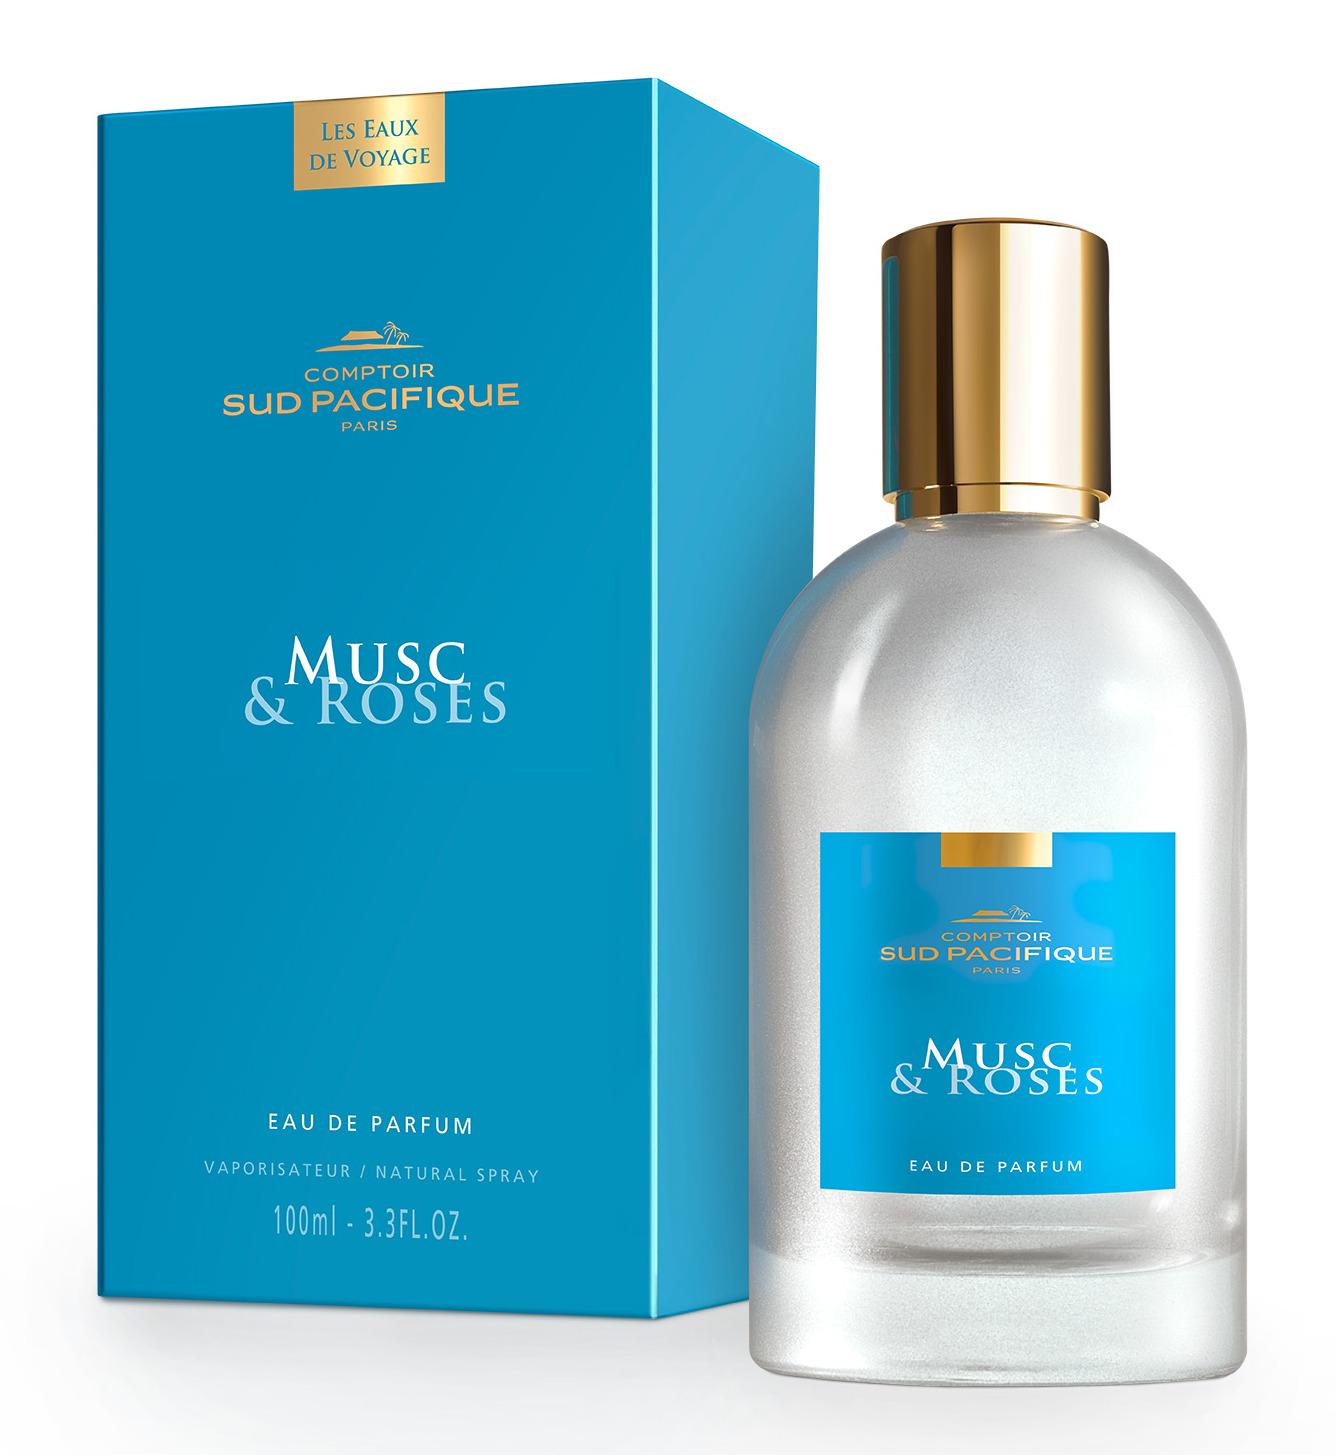 COMPTOIR SUD PACIFIQUE Вода парфюмированная Мускус и розы / LES EAUX DE VOYAGE 100 мл